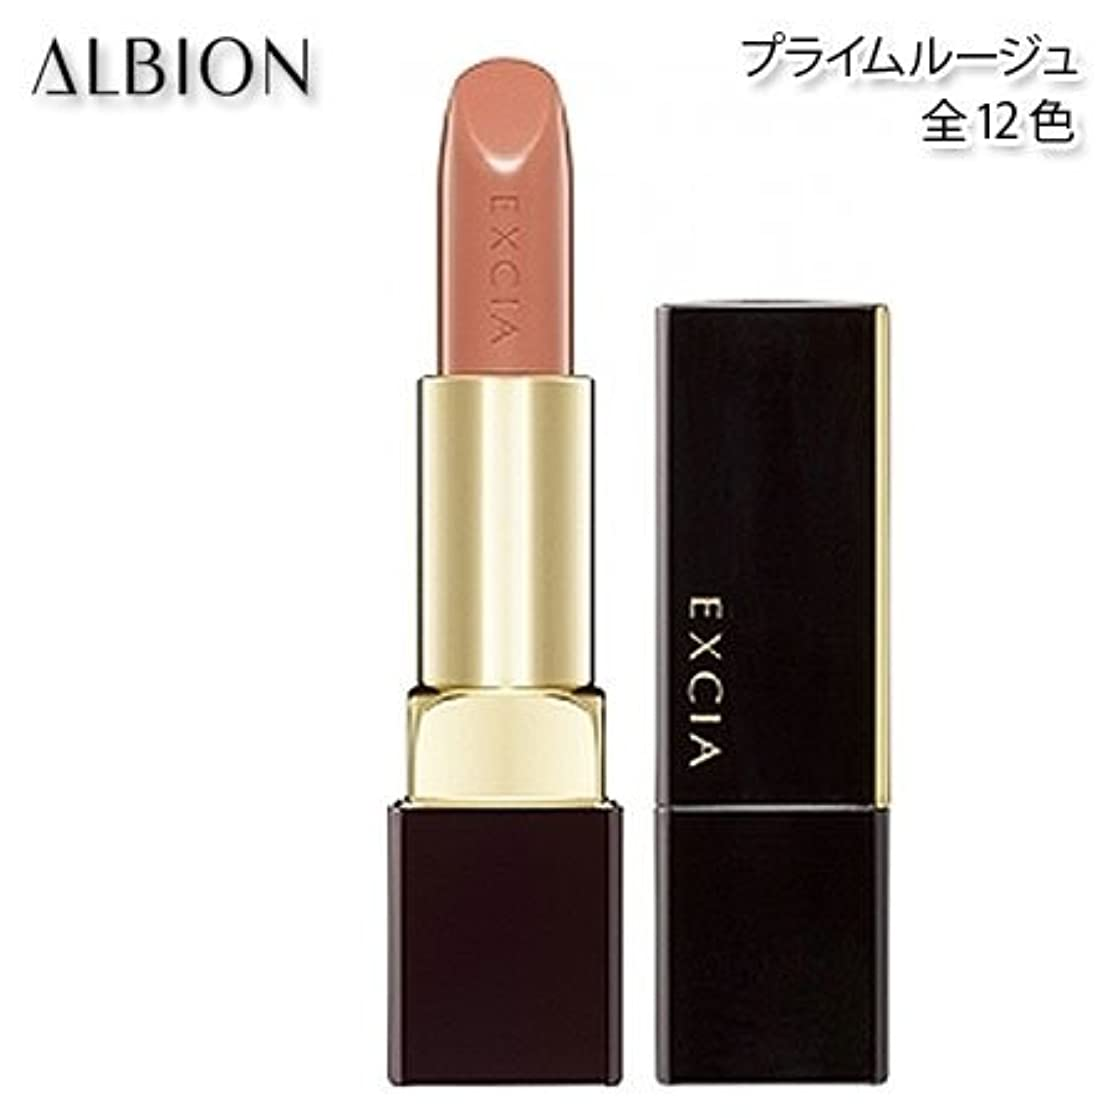 進む感嘆習字アルビオン エクシア AL プライムルージュ 4.2g 12色 -ALBION- RS501